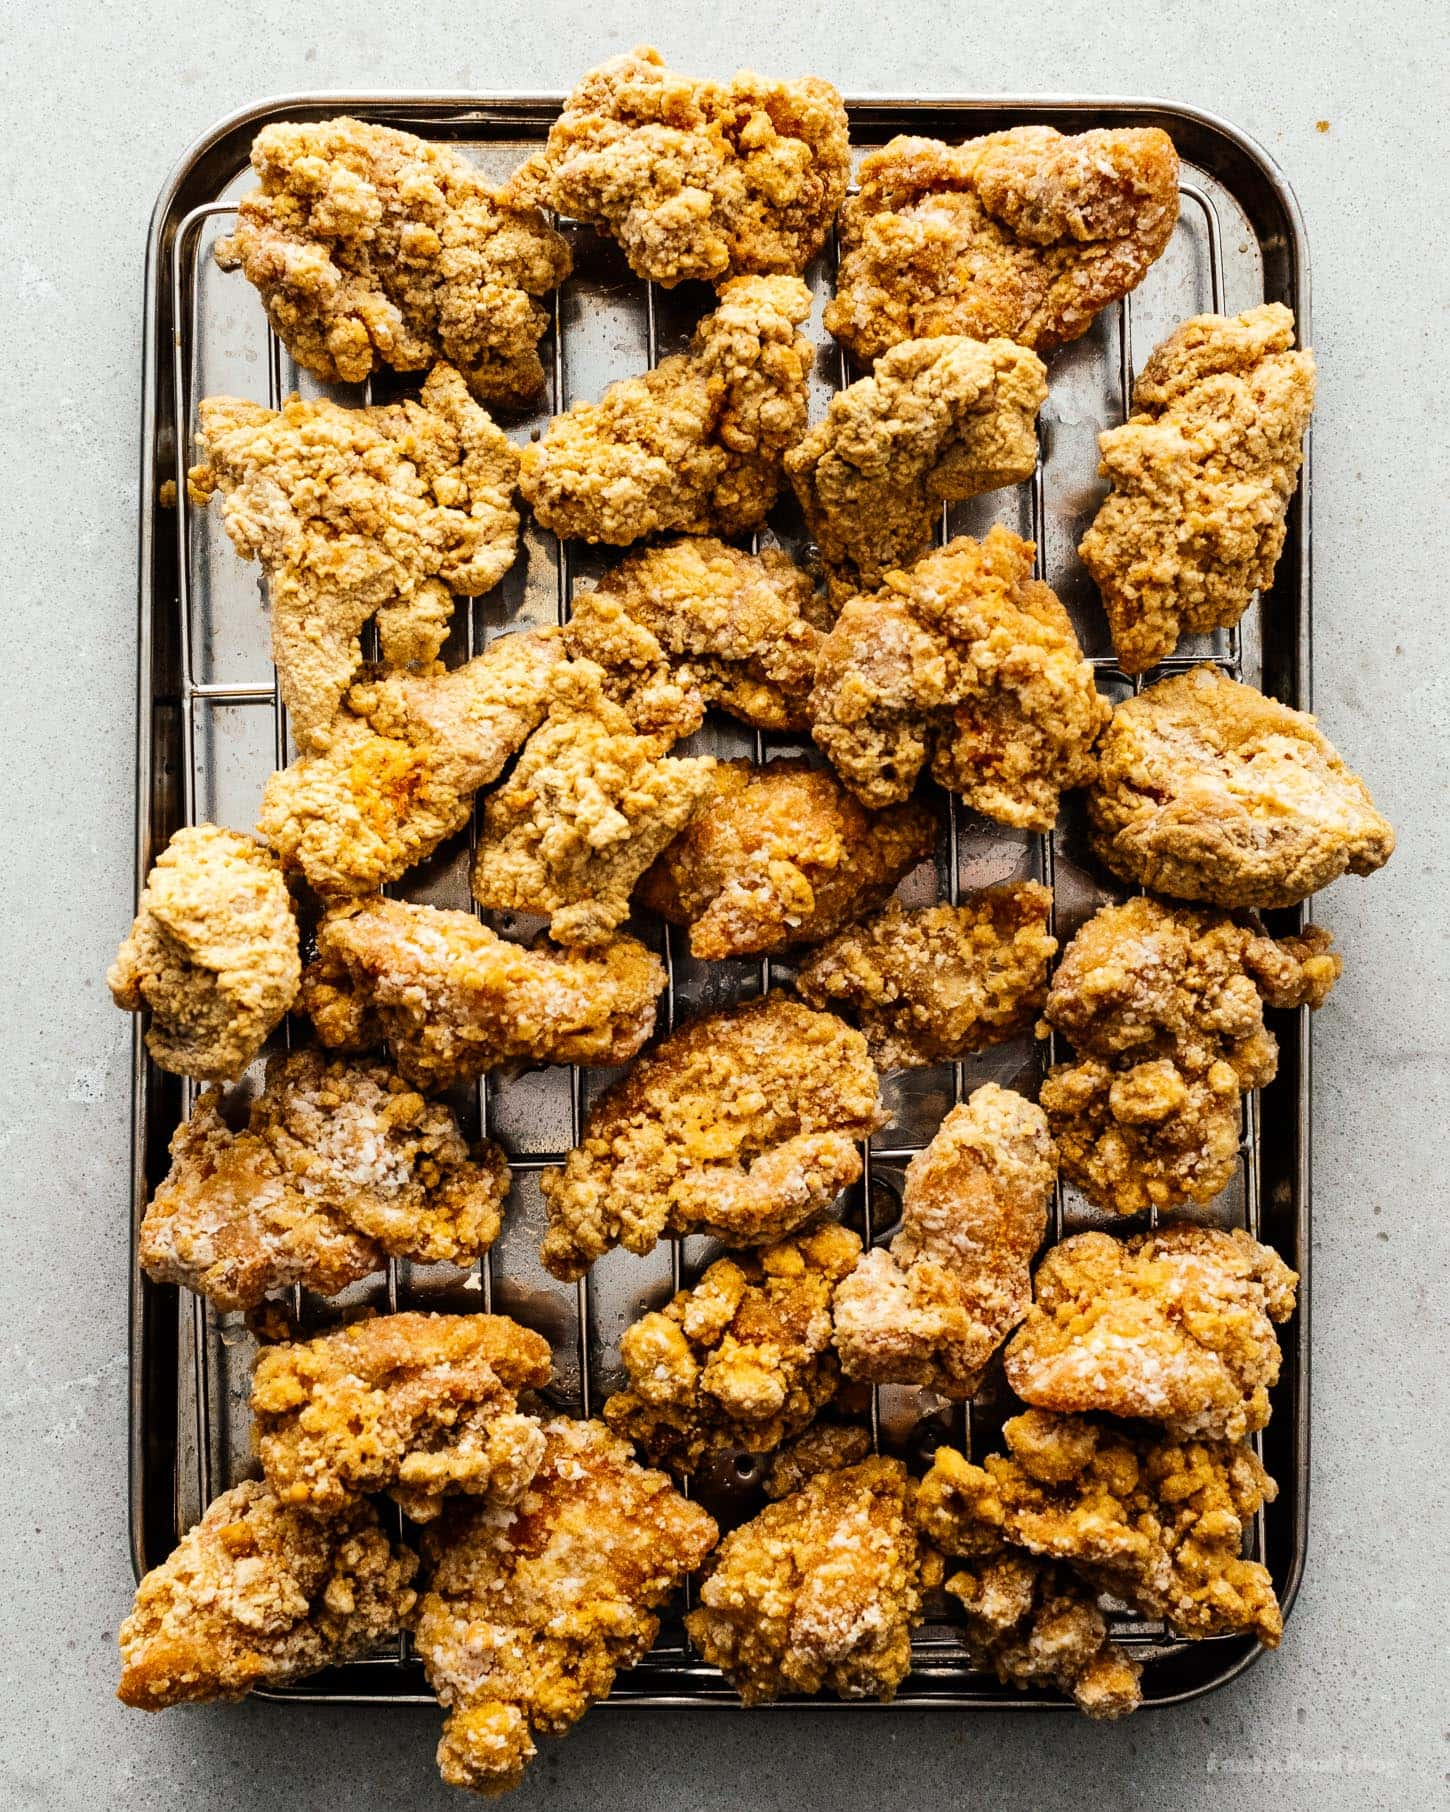 Super Crispy General Tso's Chicken | www.iamafoodblog.com